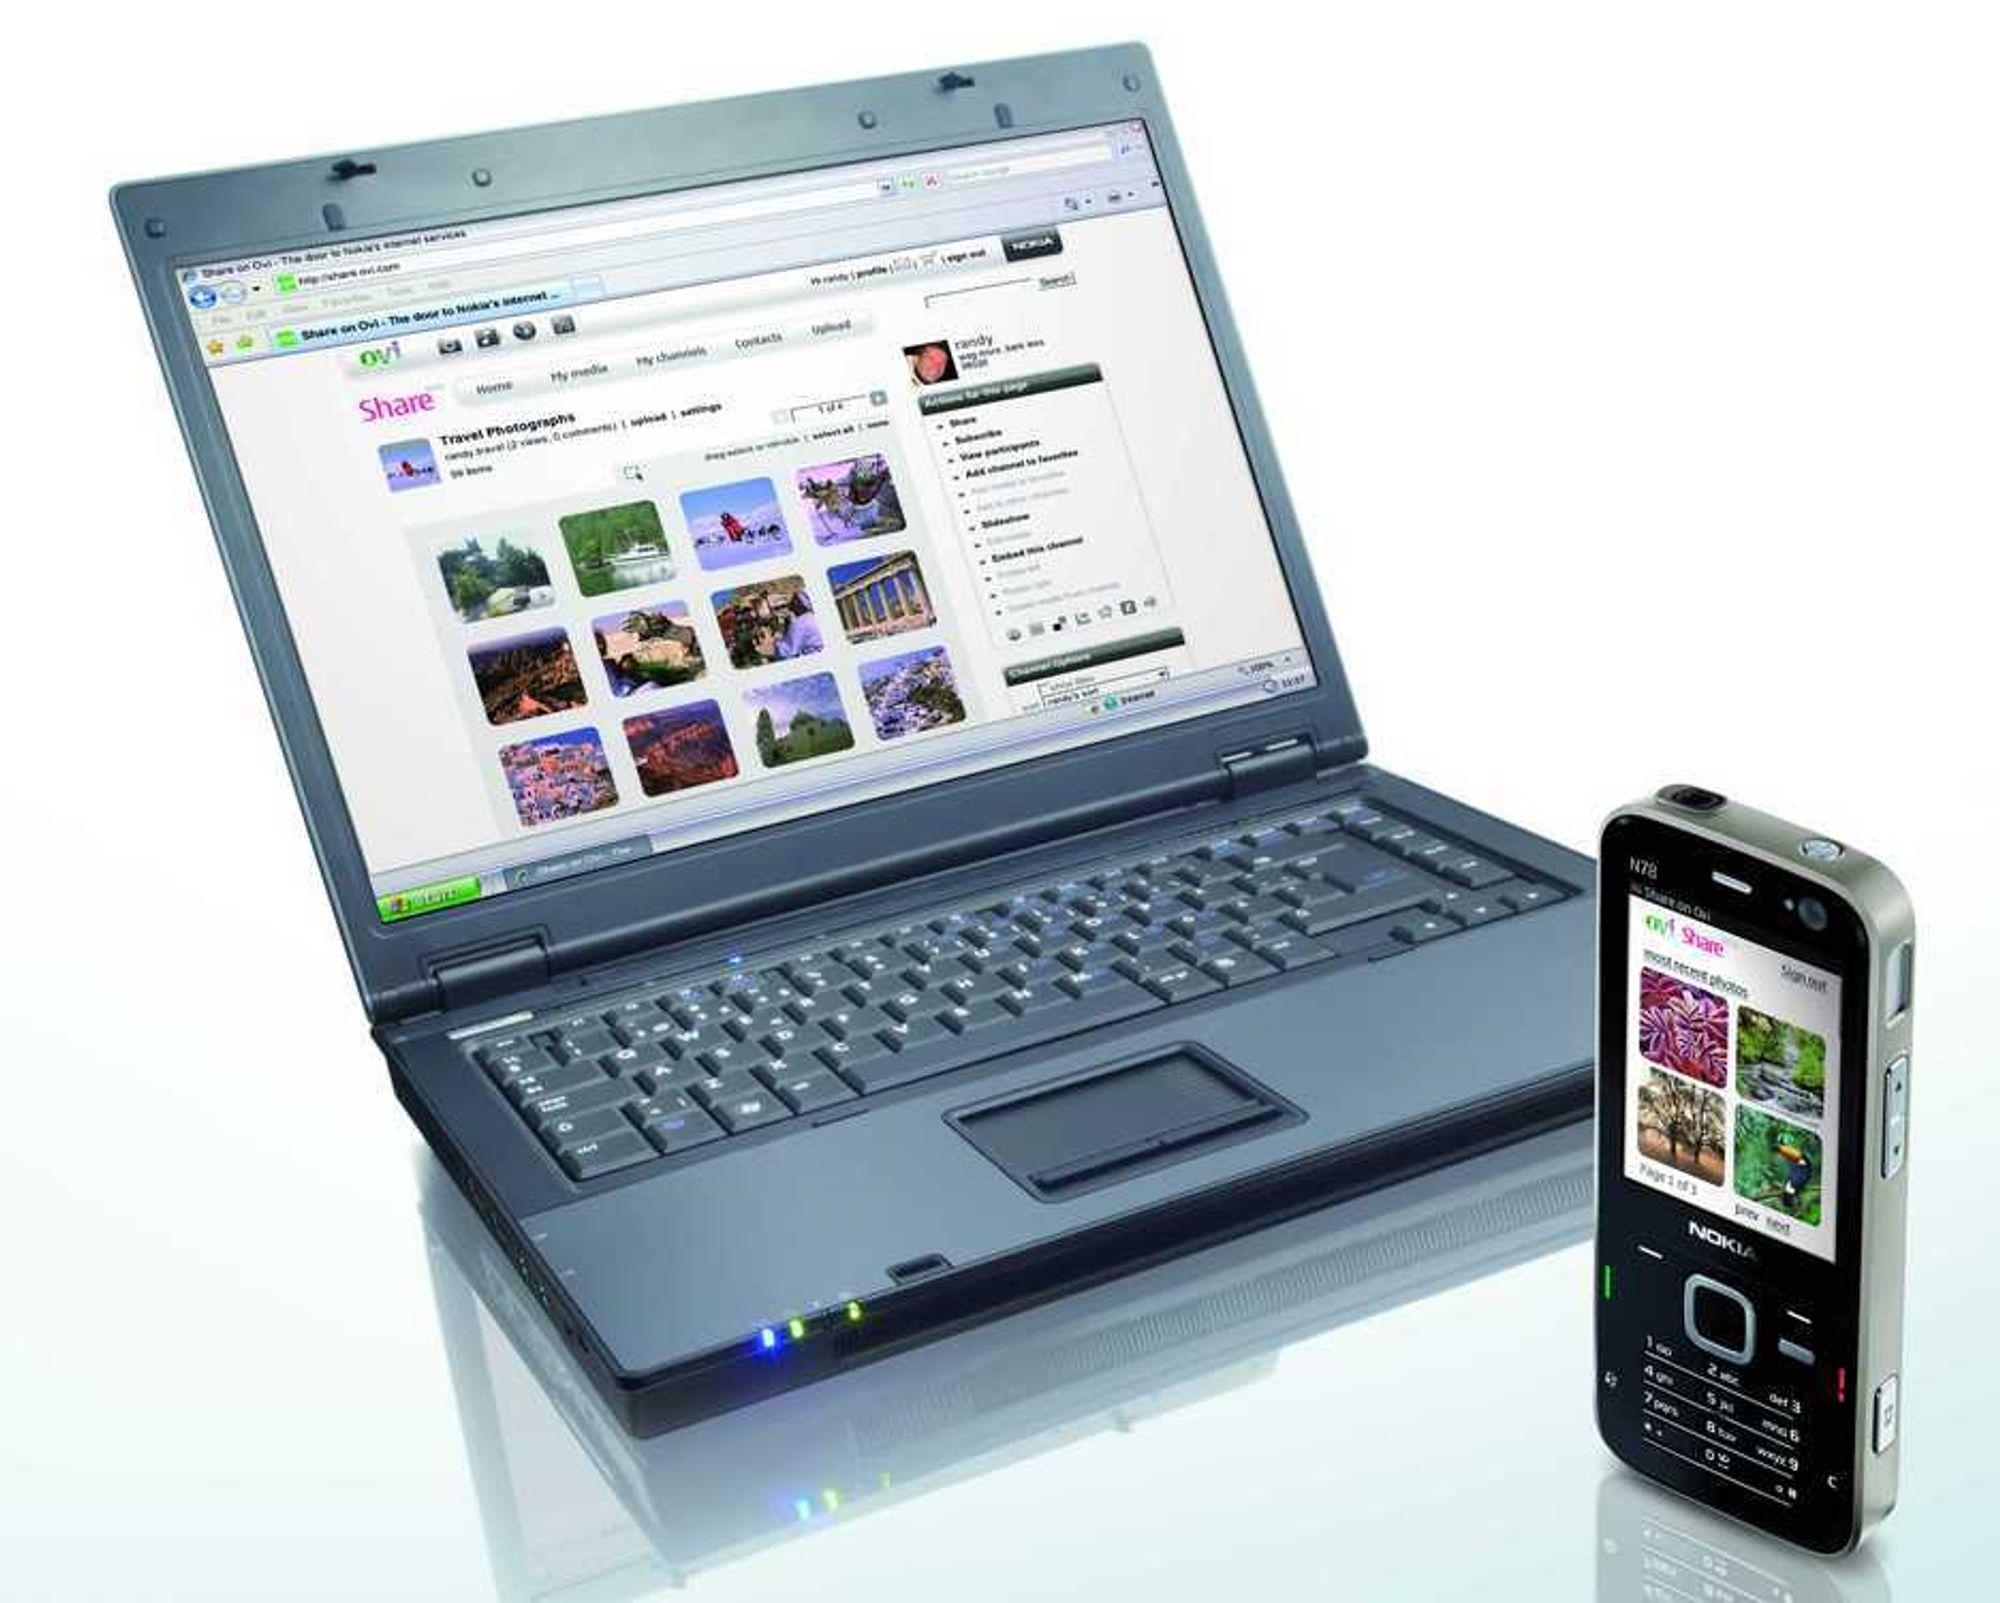 DEL INFORMASJONEN: Med Nokia N78 og en PC kan du lett dele informasjon med andre via webben.